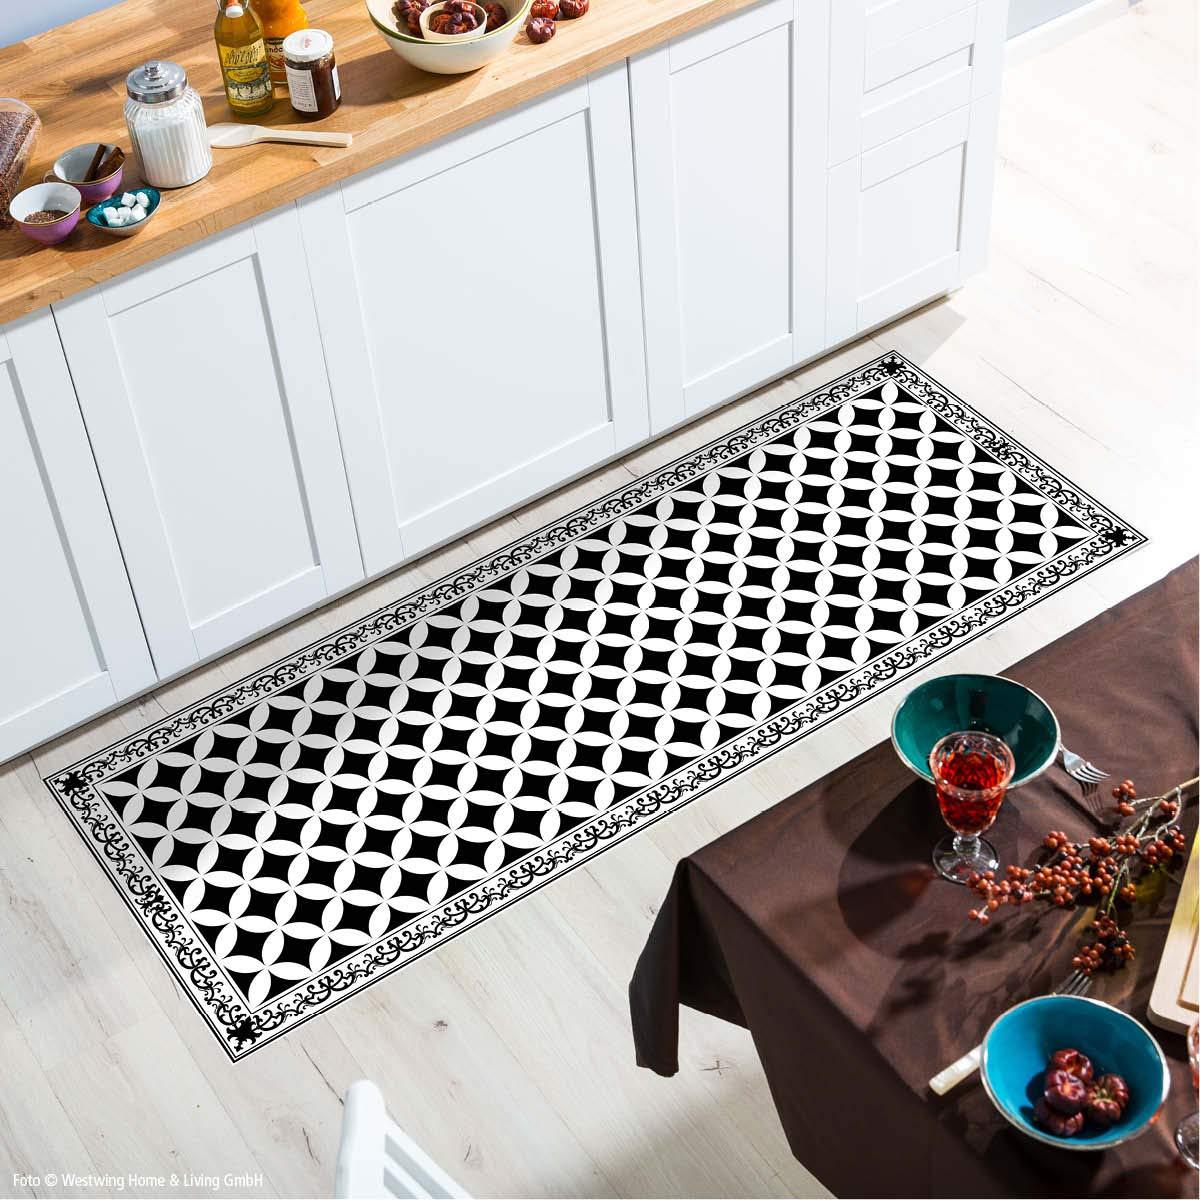 Myspotti - Buddy Chadi Rutschfeste Bodenschutzmatte aus Vinyl Badematte Küchenläufer Wohnzimmer Deko (180 x 68 cm)